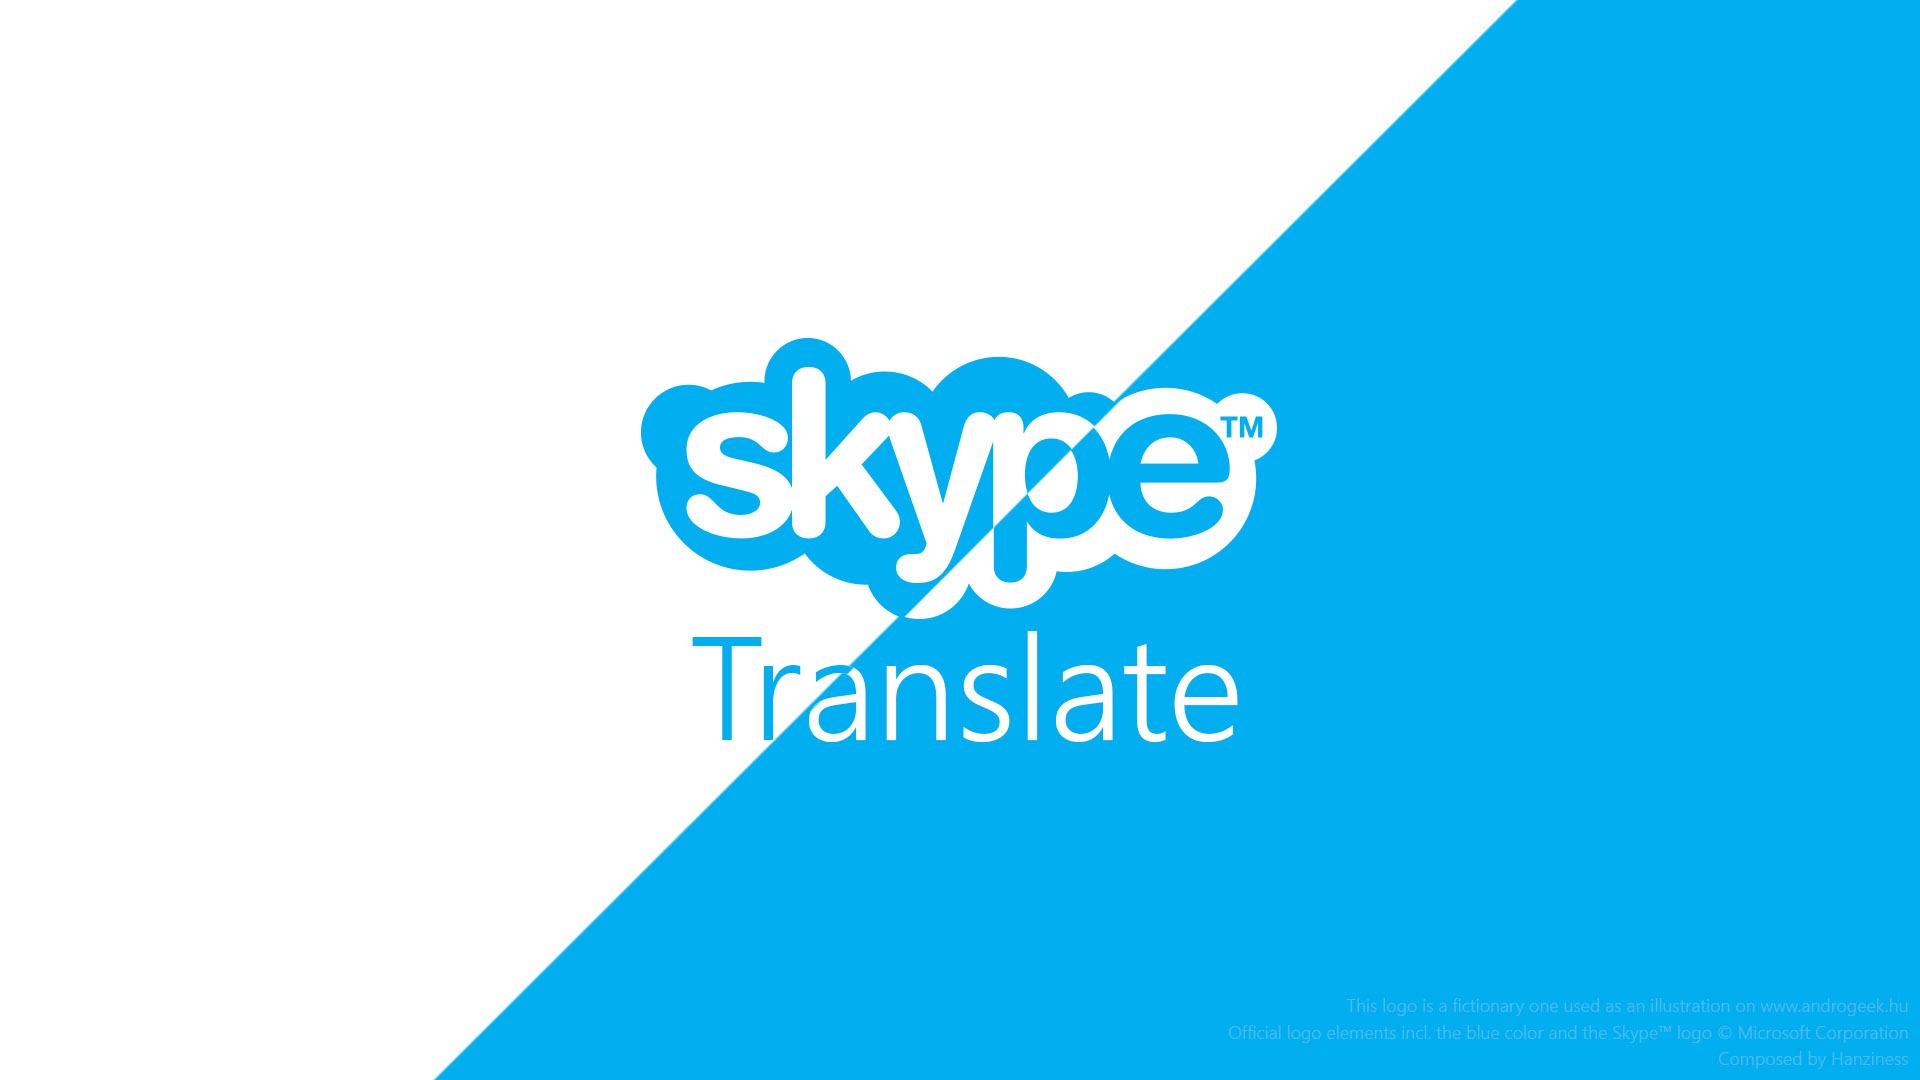 Microsoft Skype Translate